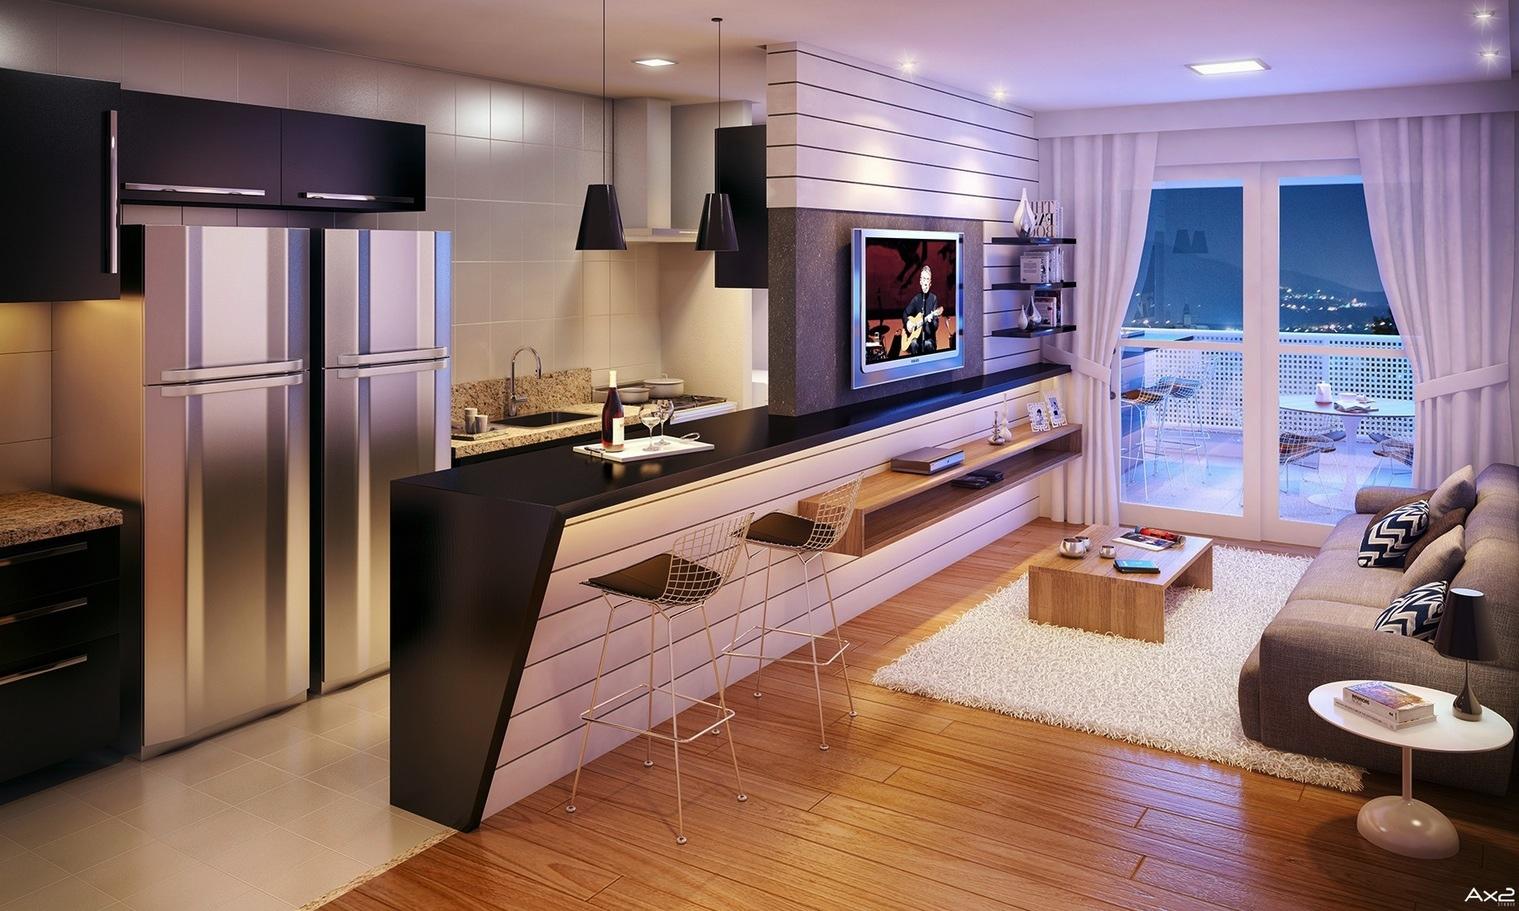 Интерьер студии кухня и гостиная фото в коричневых и бежевых цветах